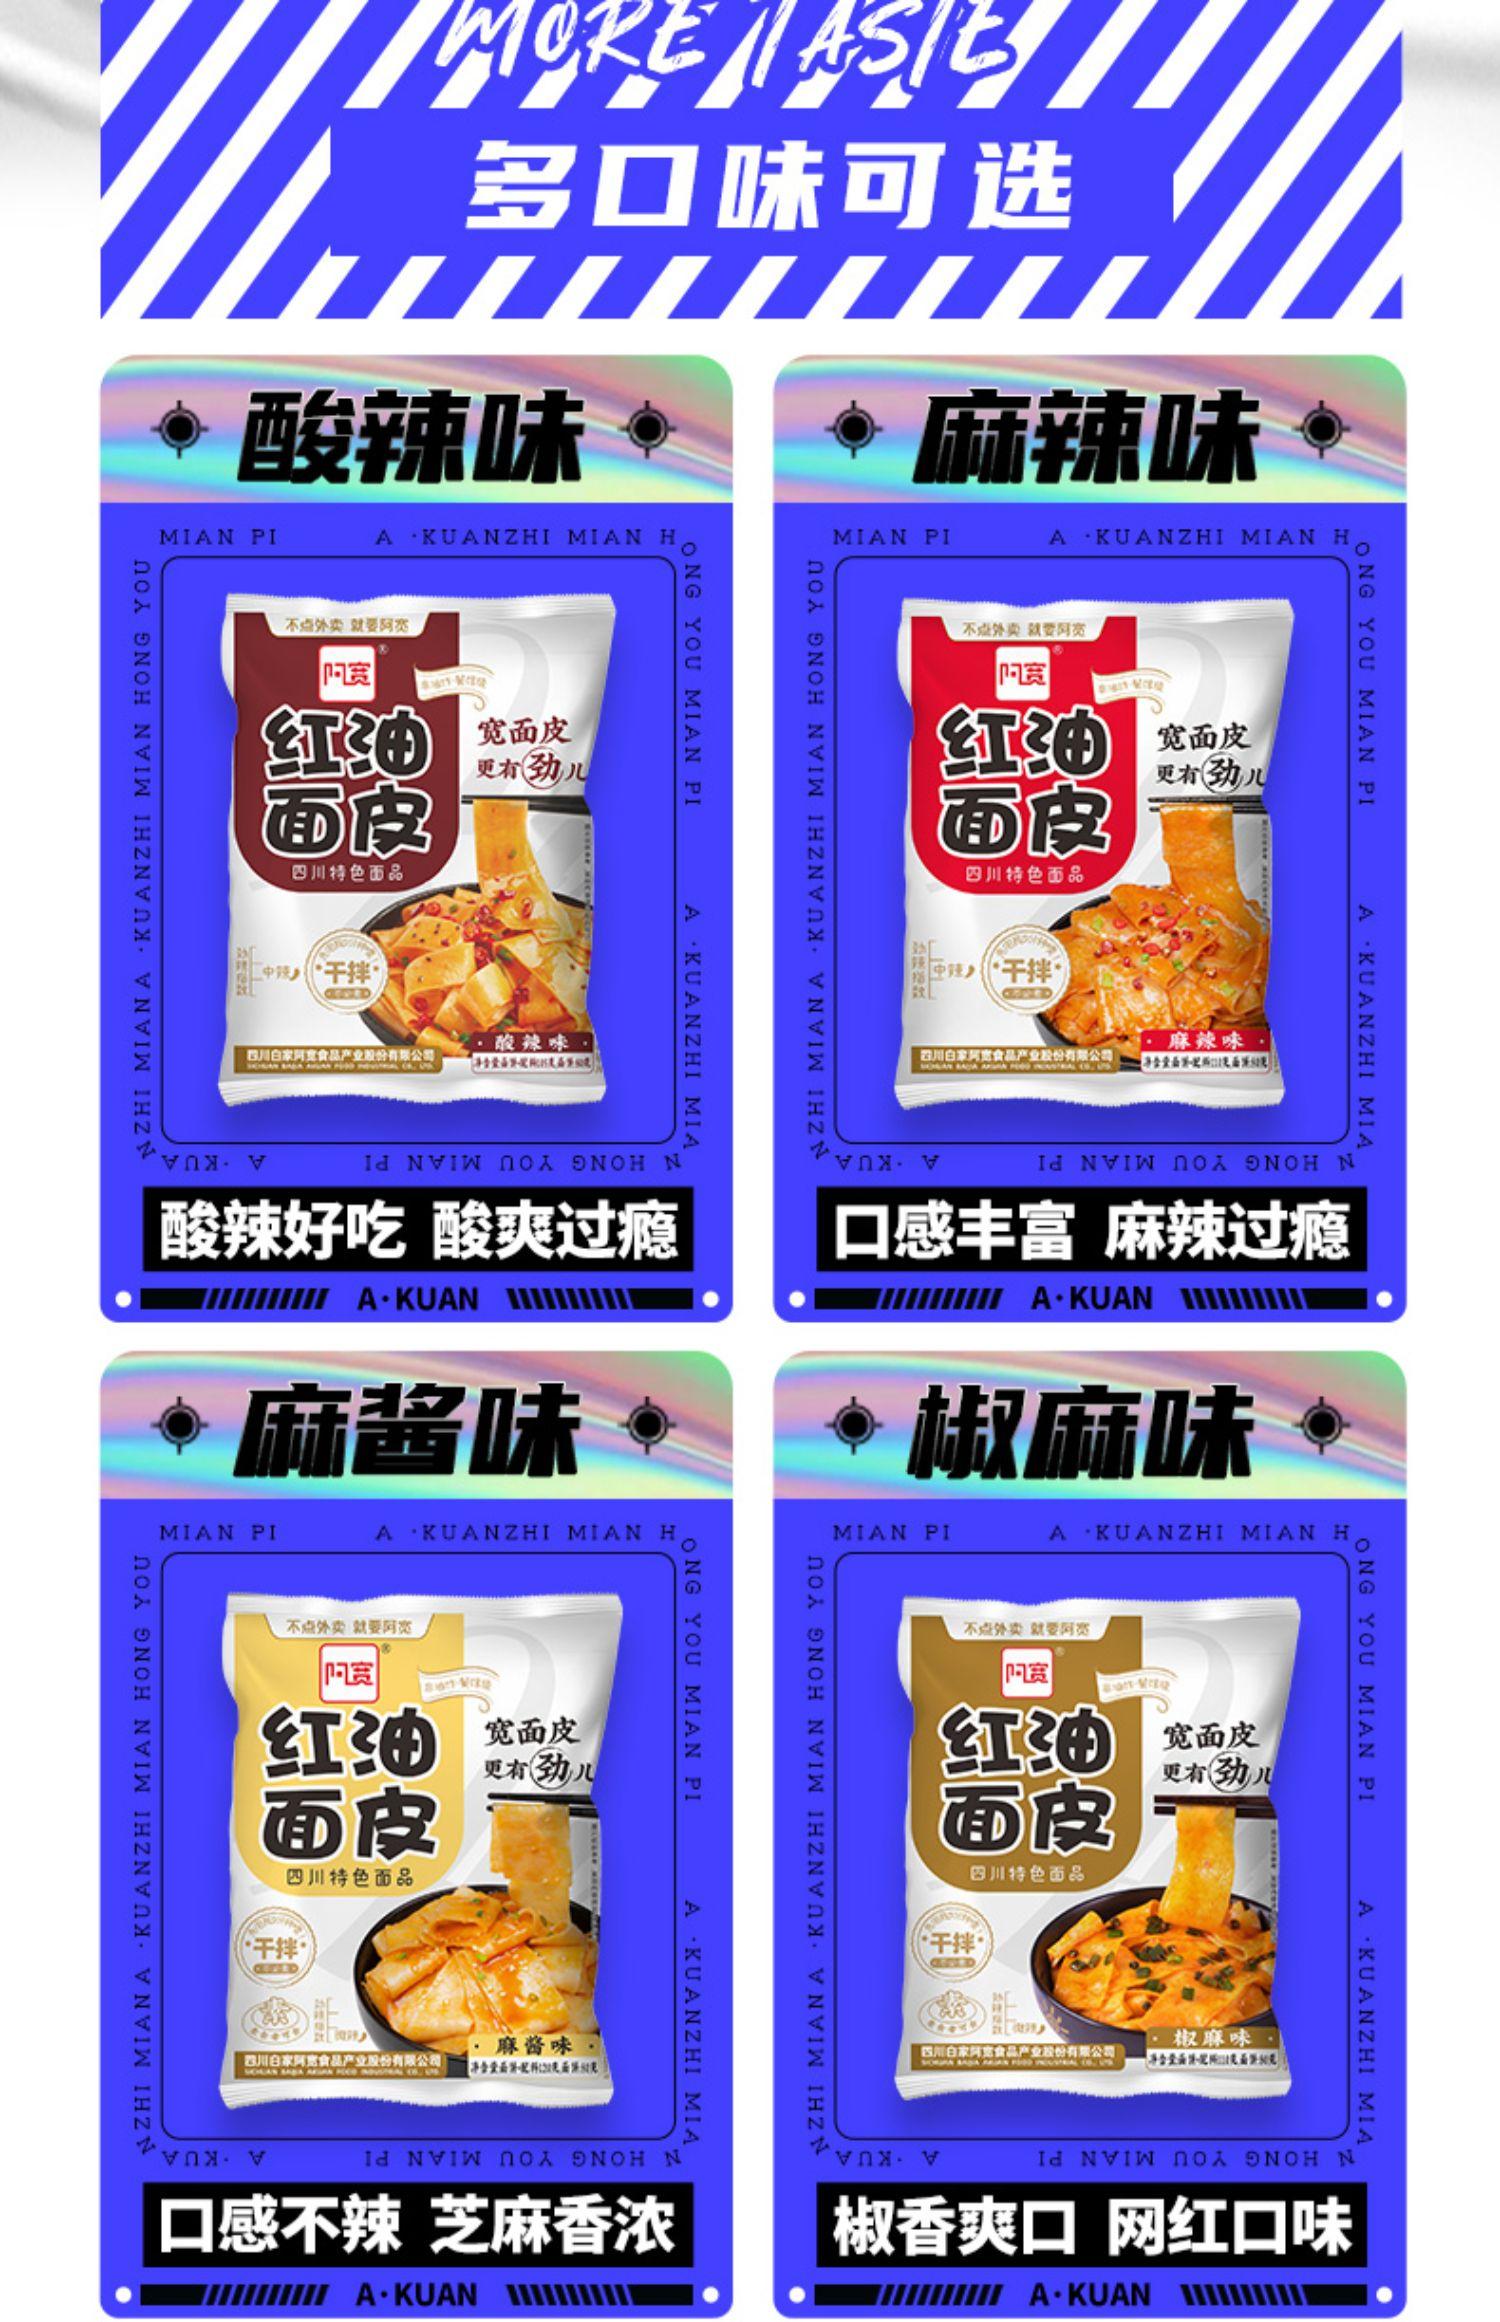 【送十袋榨菜】阿宽速食干拌红油面皮10袋5